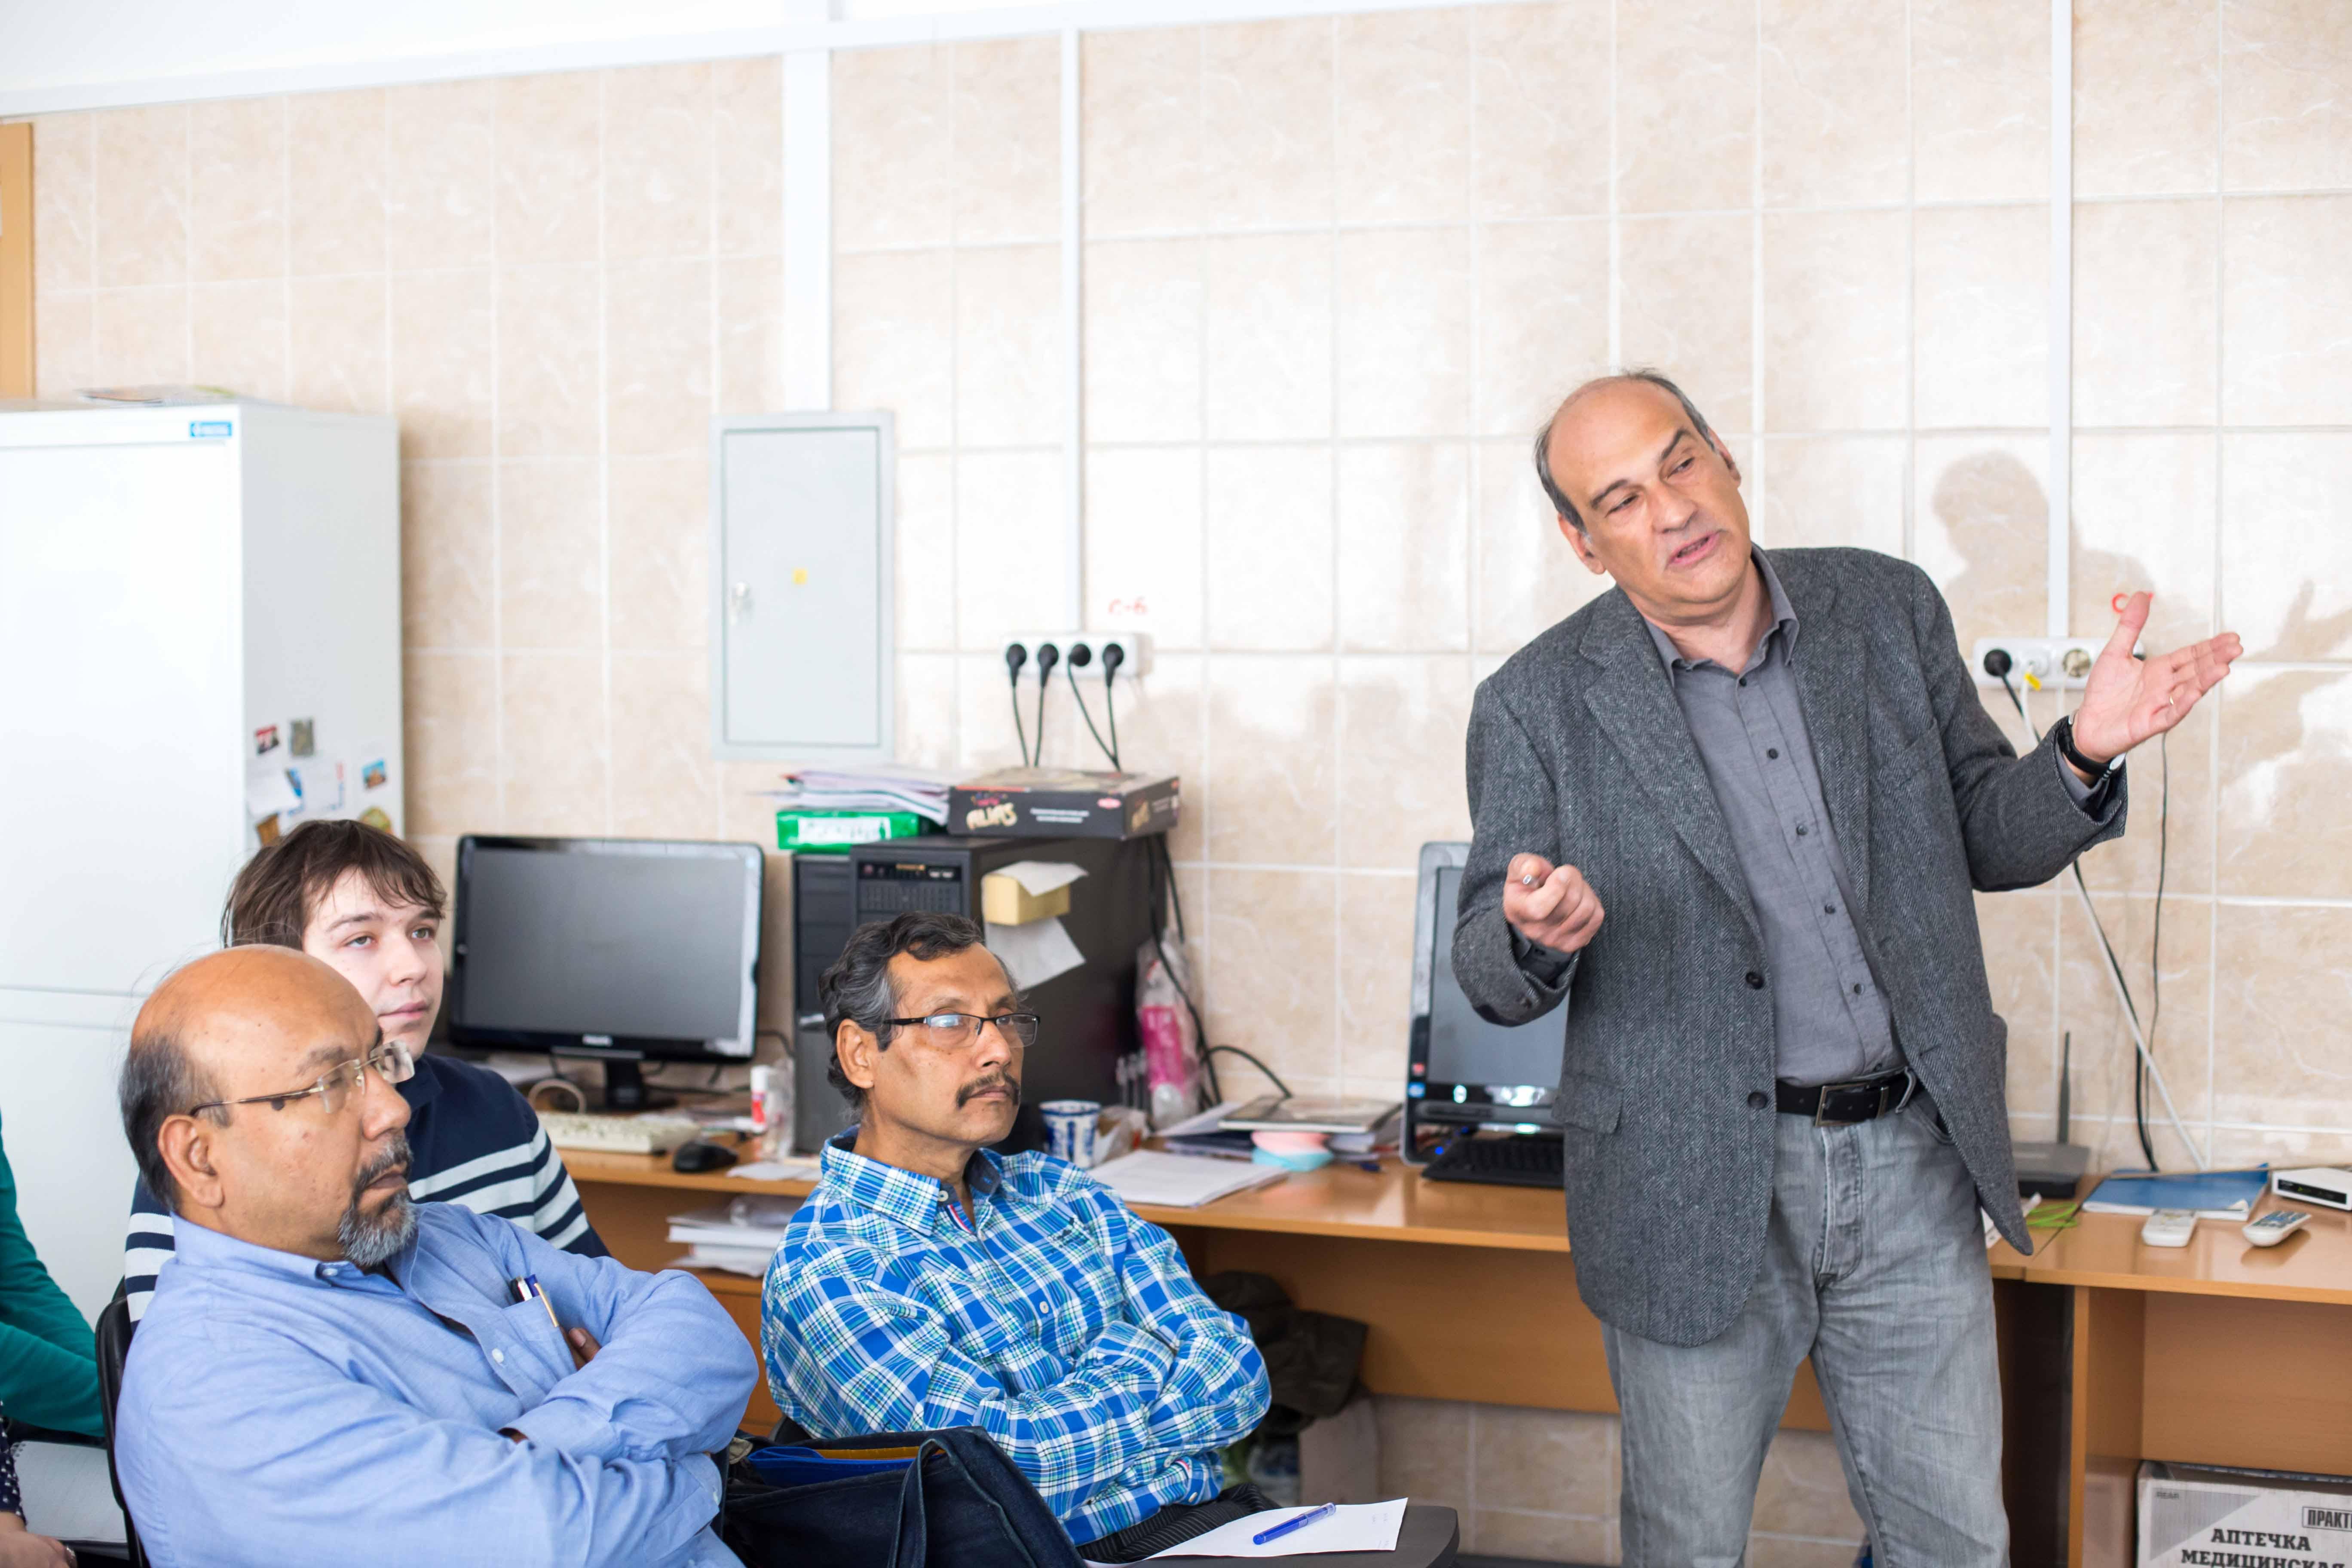 Professor Corrado Di Natale